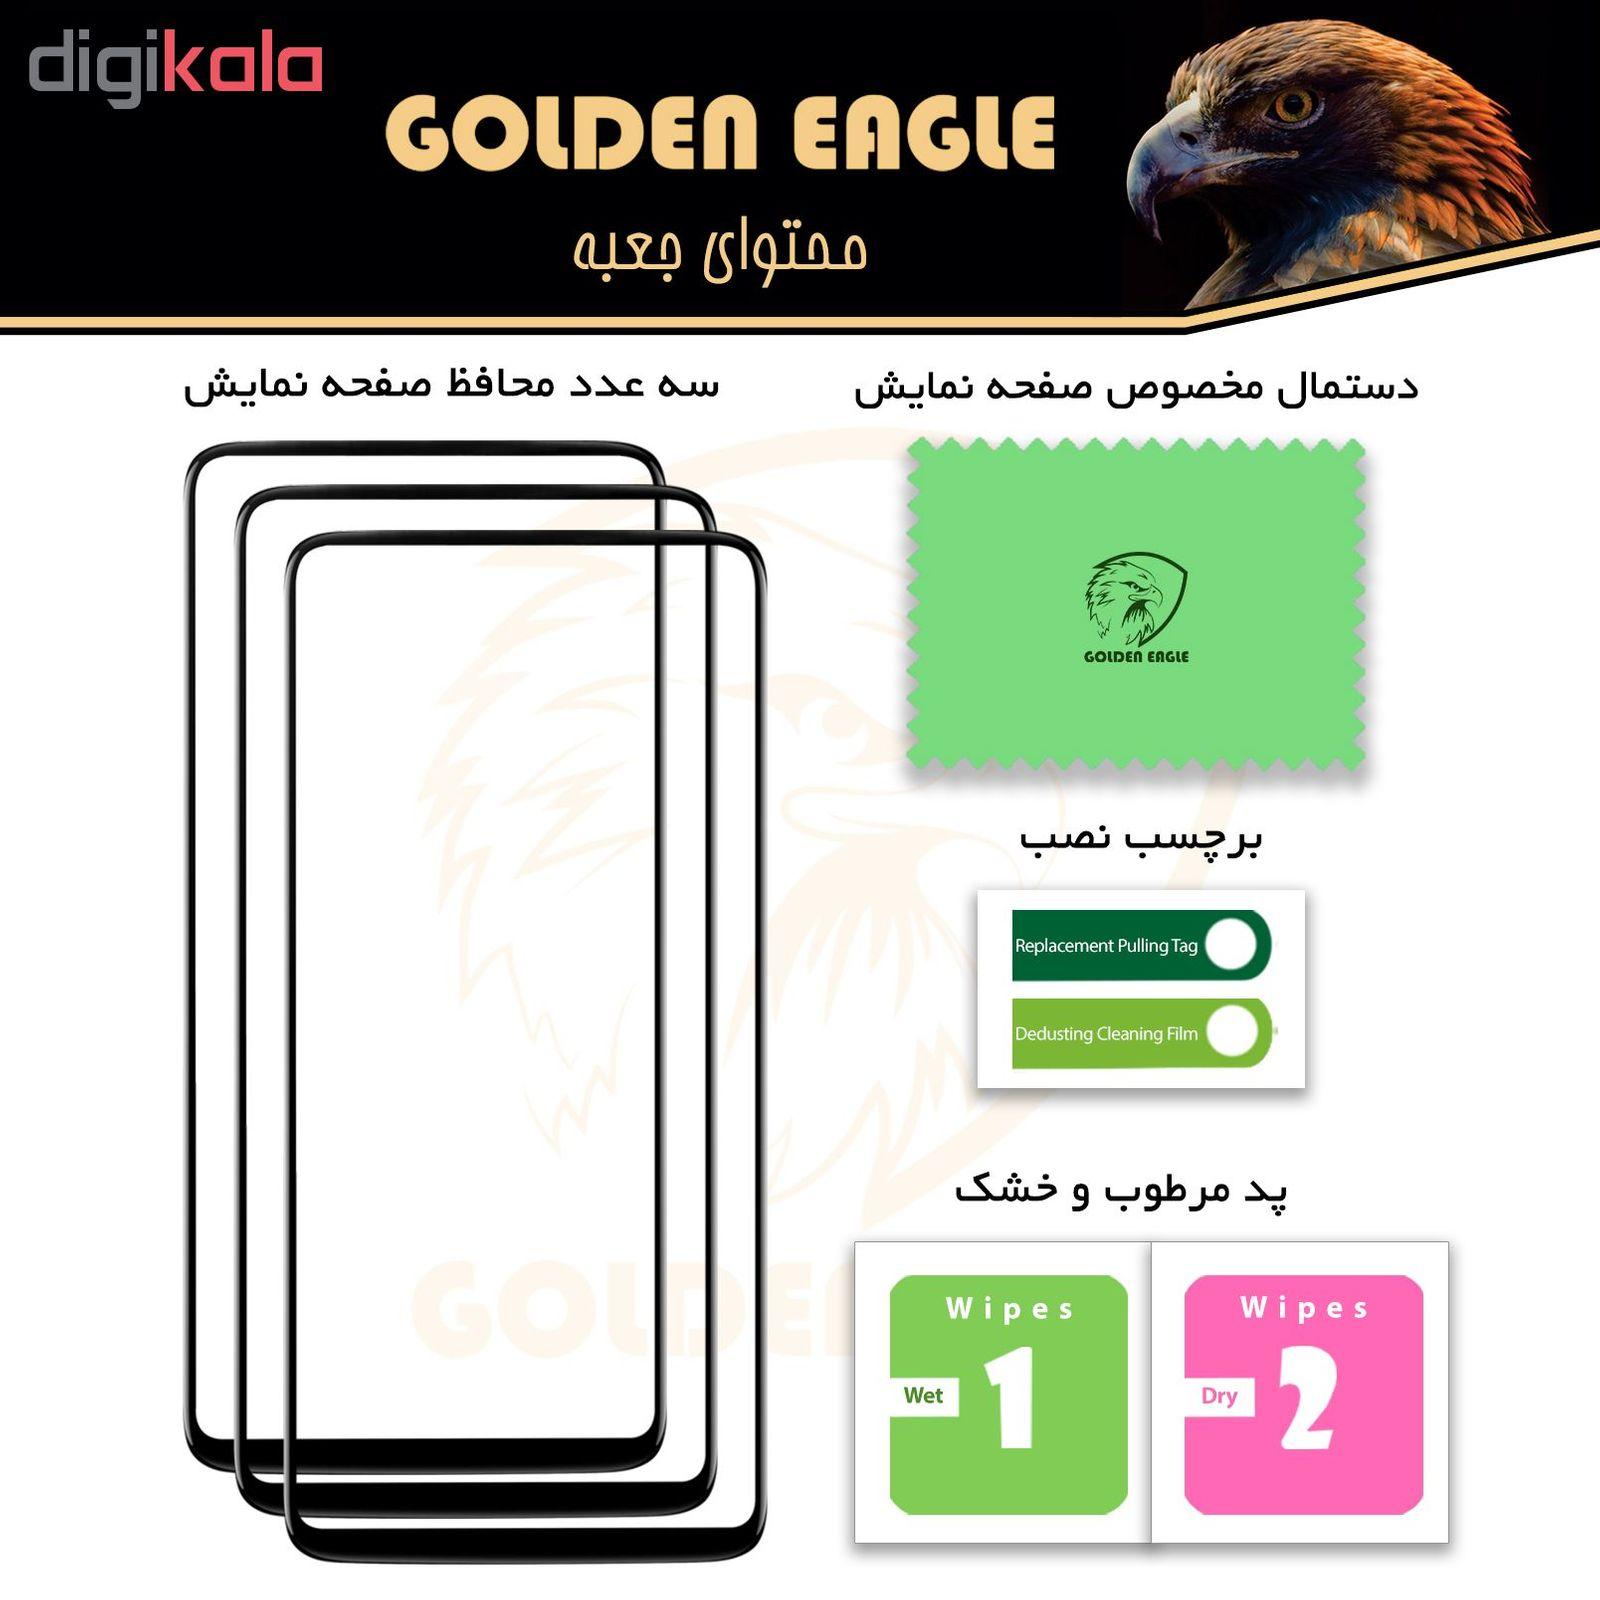 محافظ صفحه نمایش گلدن ایگل مدل GLC-X3 مناسب برای گوشی موبایل سامسونگ Galaxy A30 بسته سه عددی main 1 2